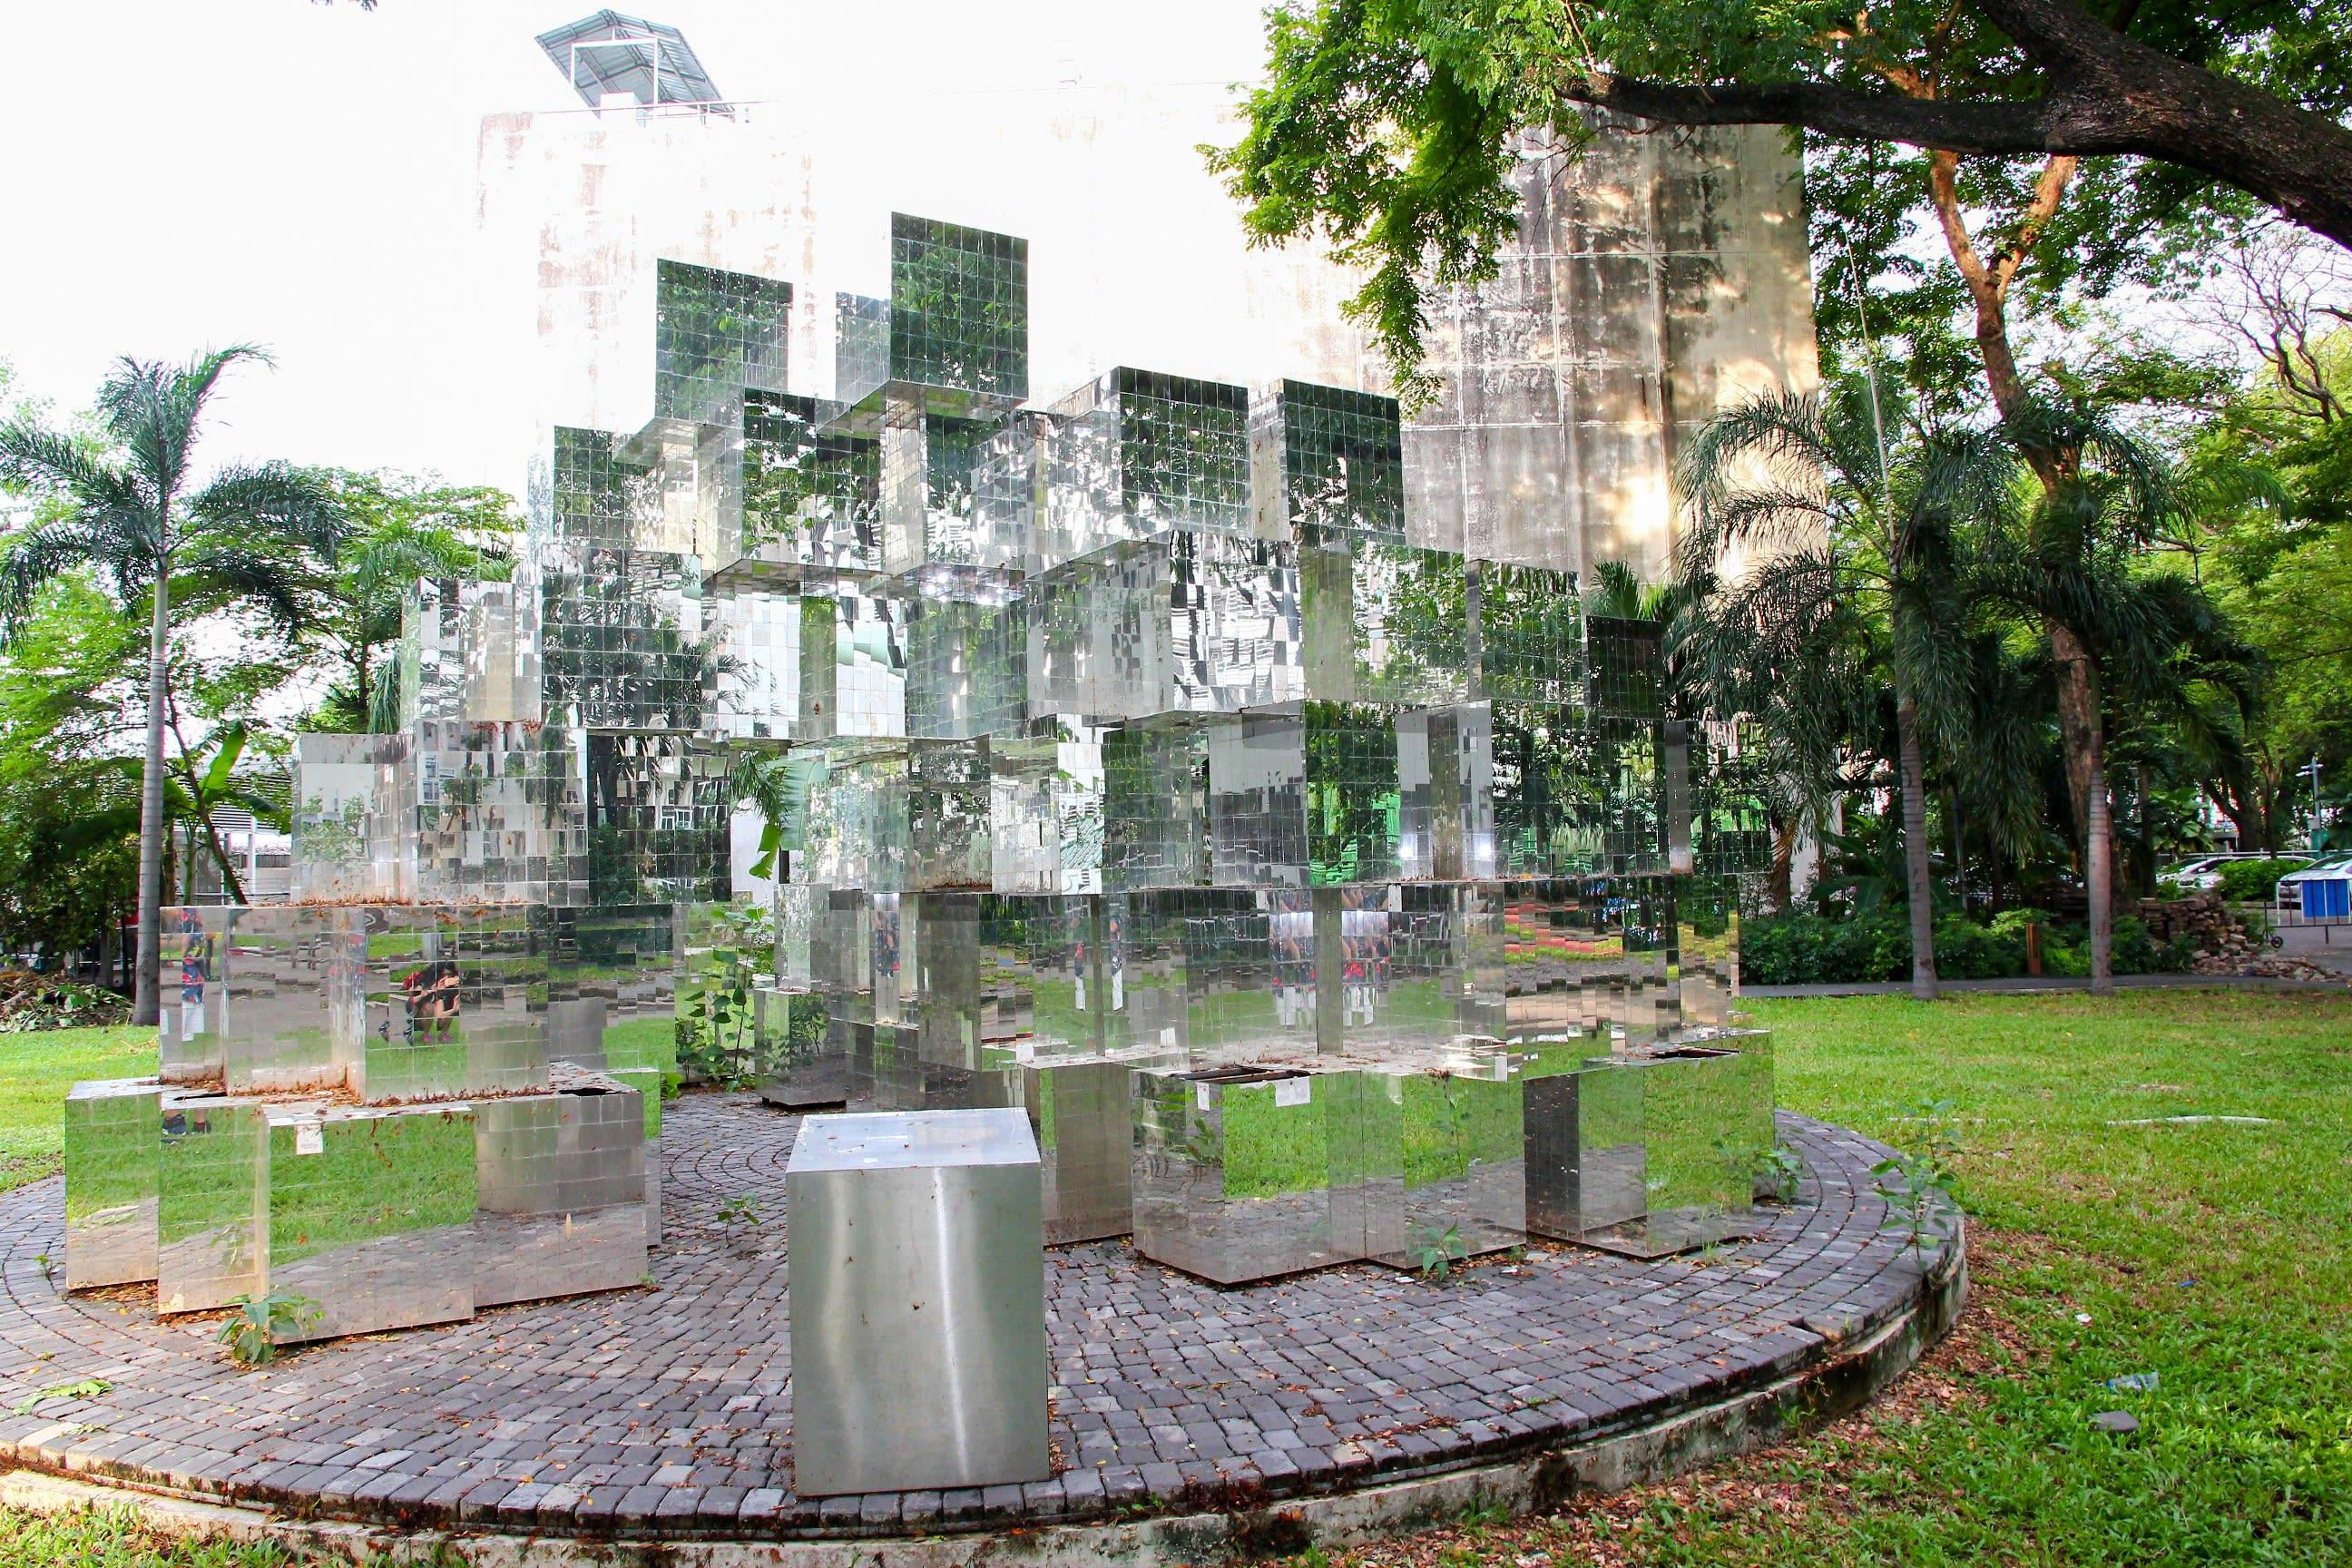 朱拉隆功大學有許多隱藏版的小景點喔!攝影:Rex。